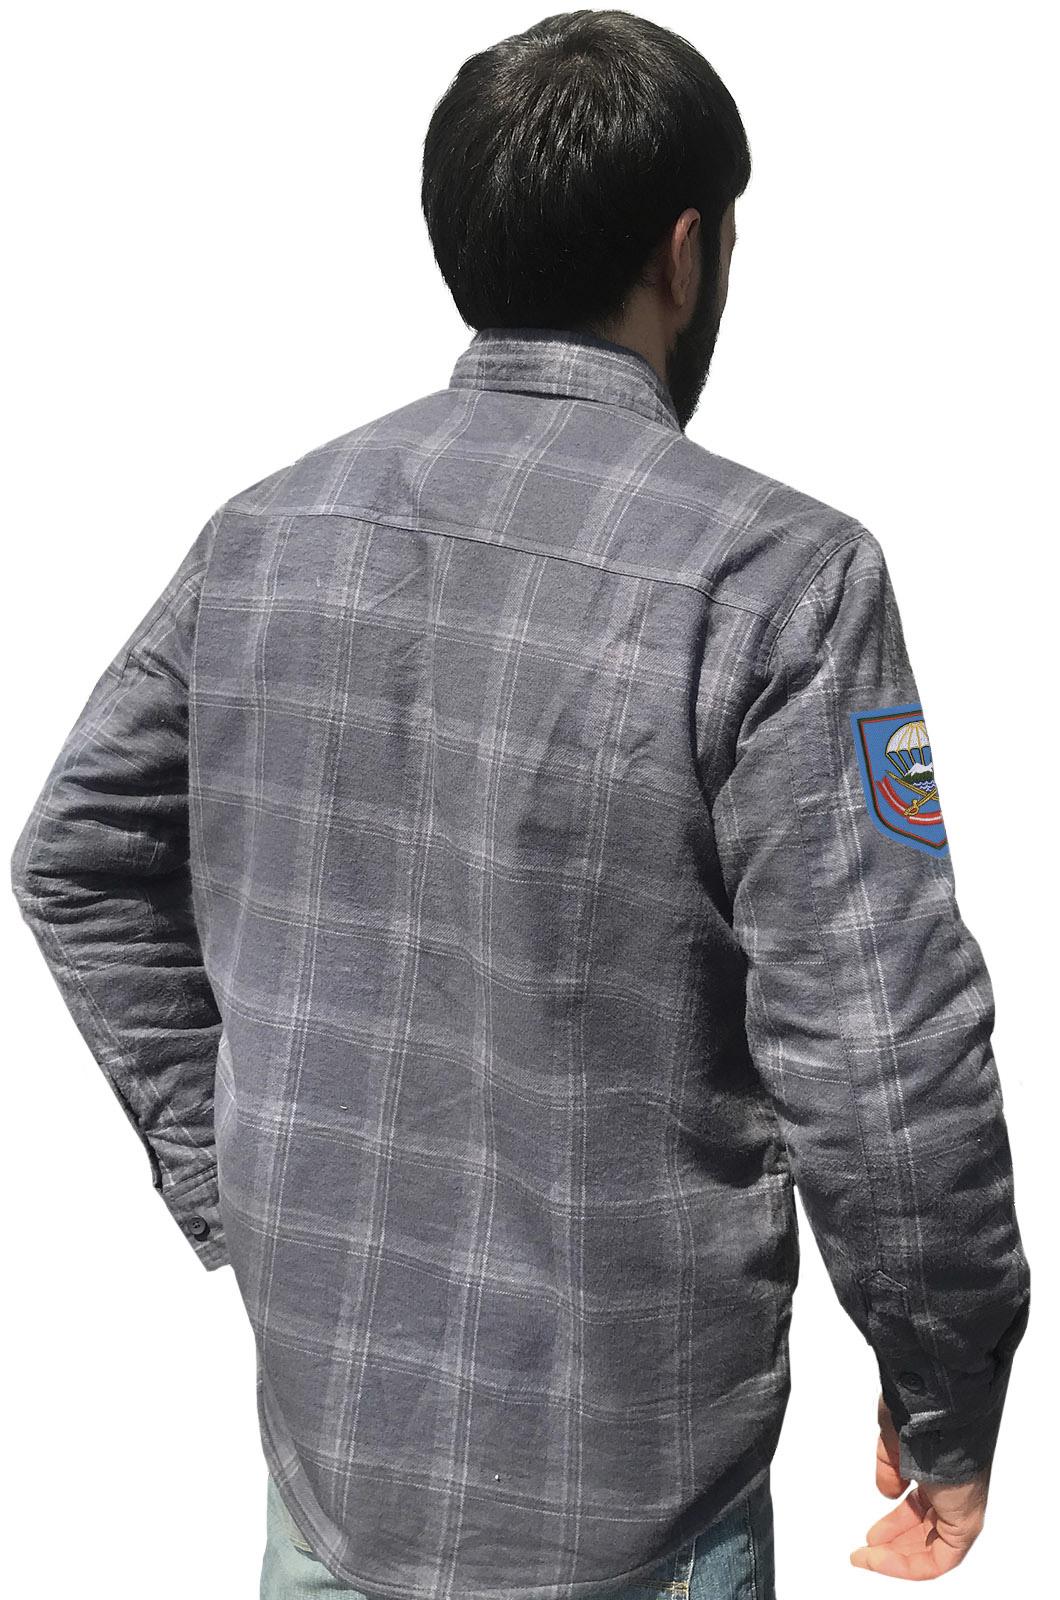 Купить стильную теплую рубашку с вышитым шевроном ВДВ 108 ДШП по низкой цене